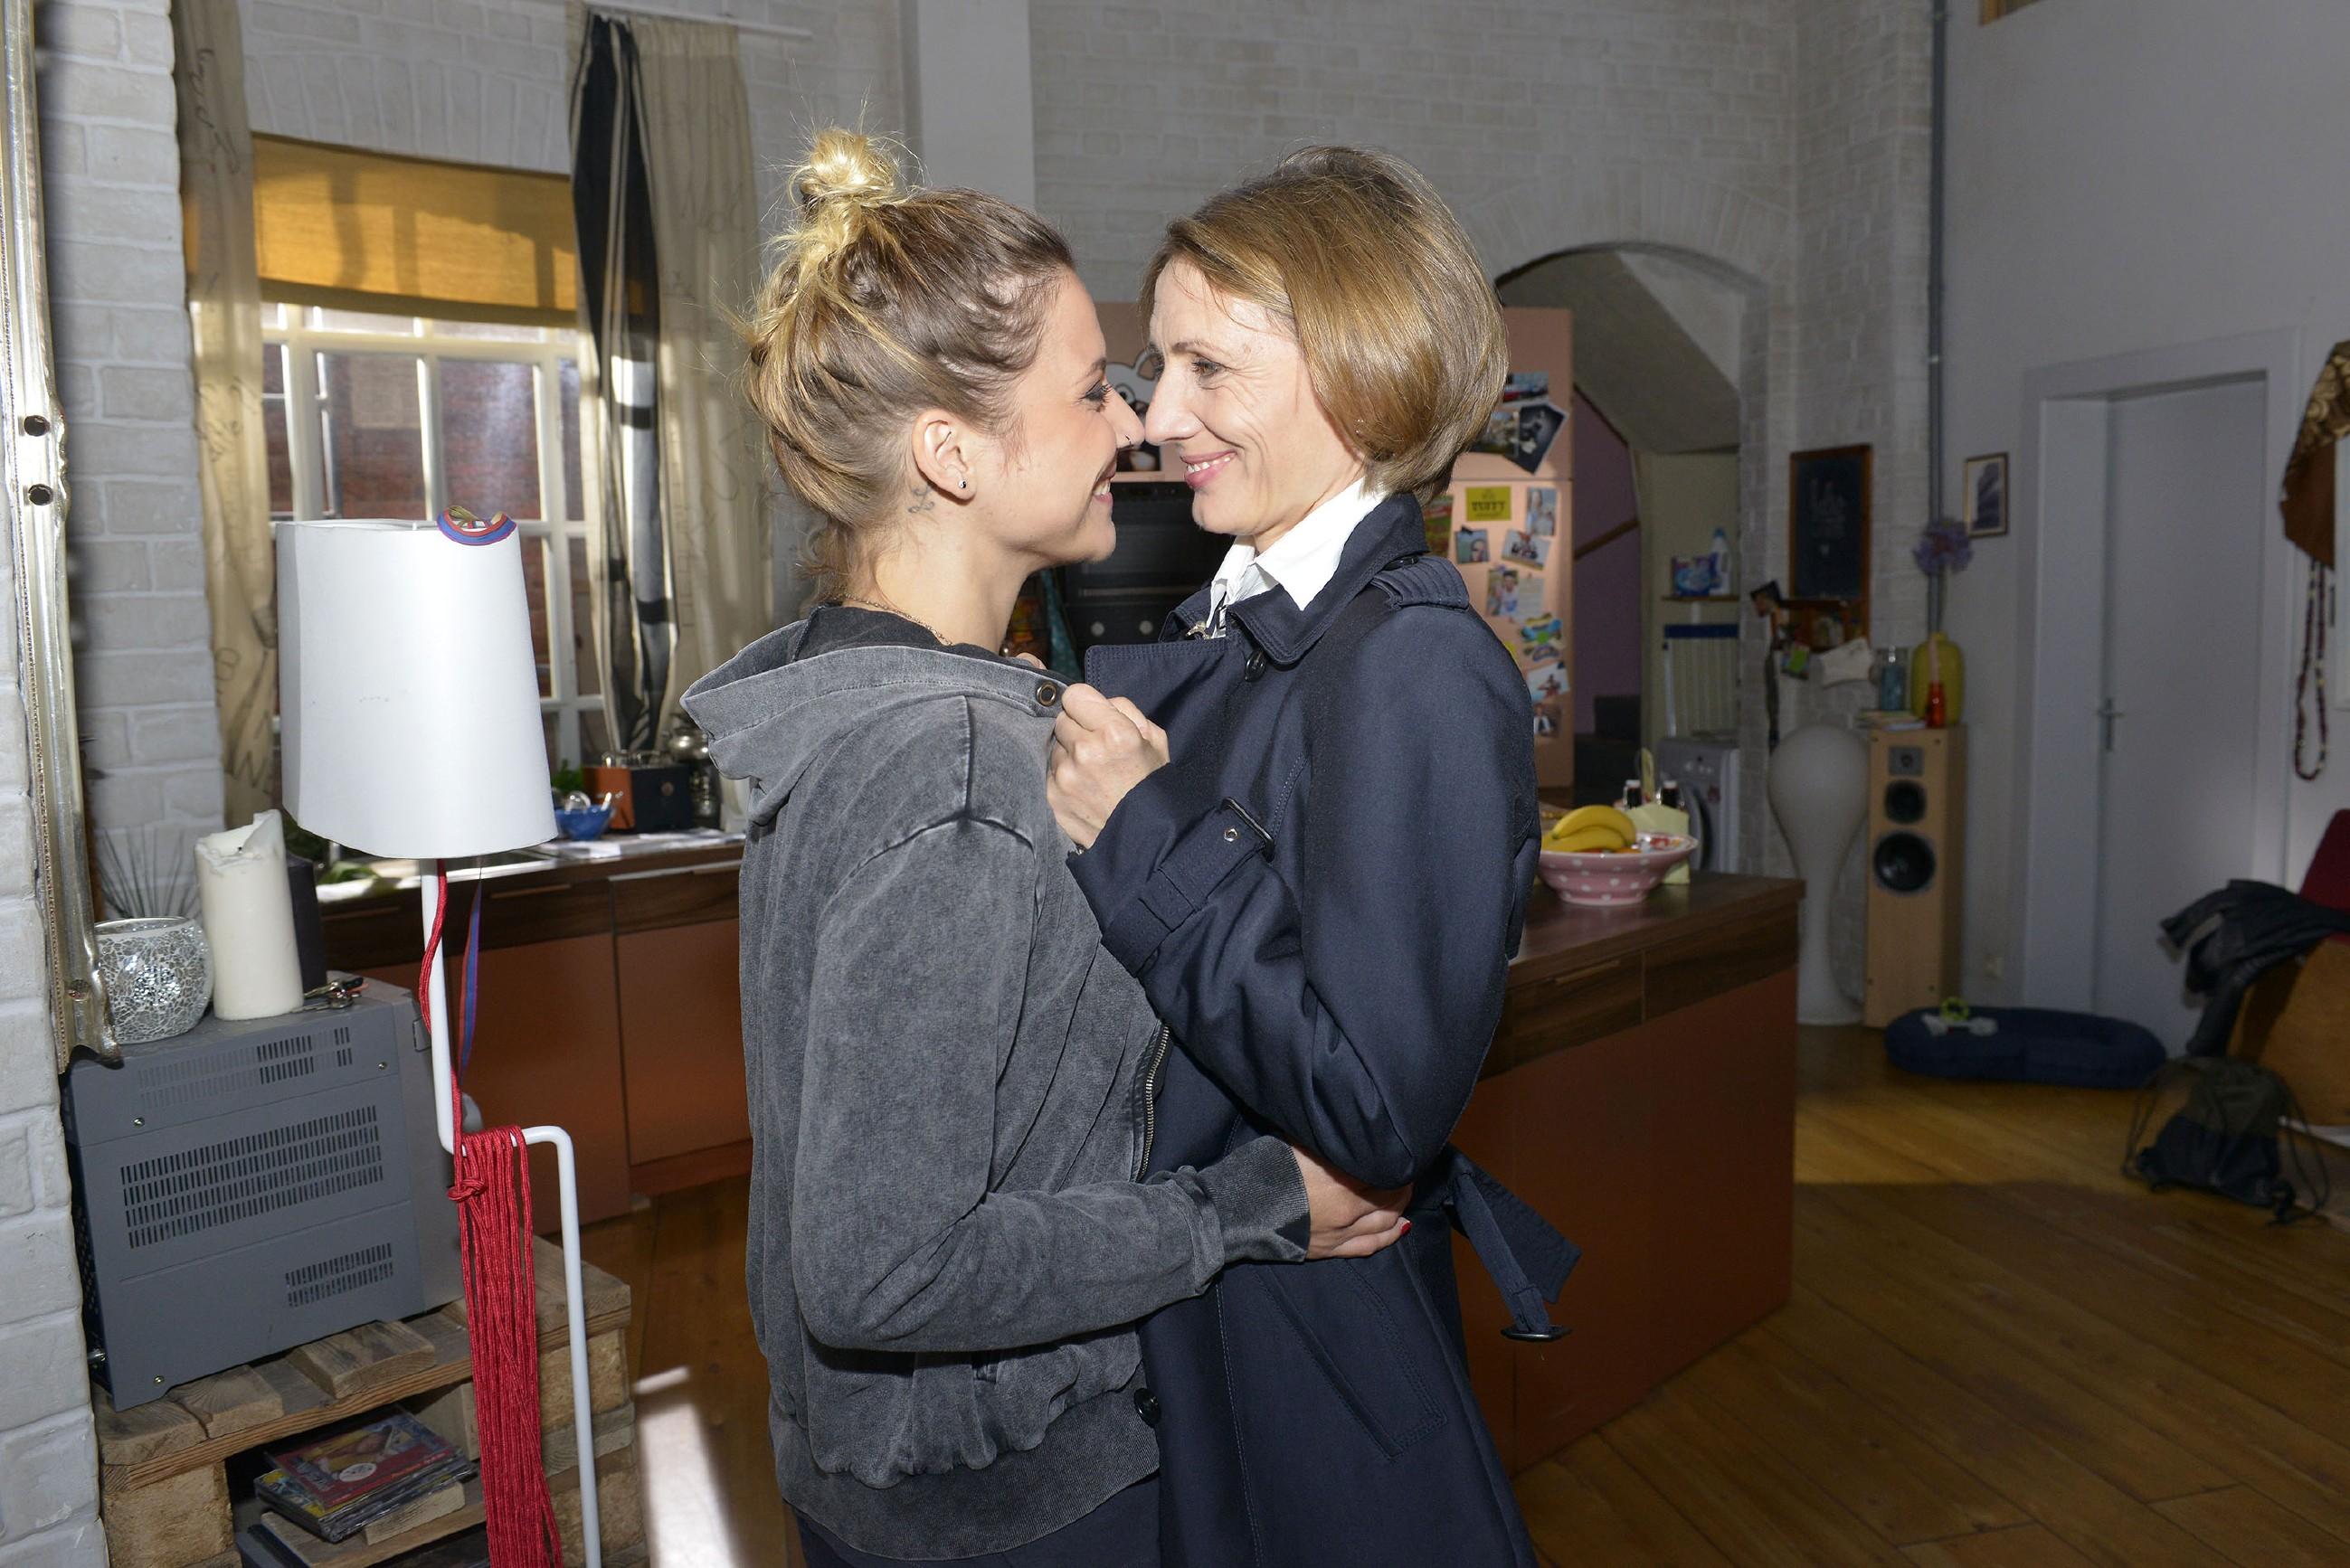 Anni (Linda Marlen Runge, l.) und Rosa (Joana Schümer) können nicht voneinander lassen... (Quelle: RTL / Rolf Baumgartner)